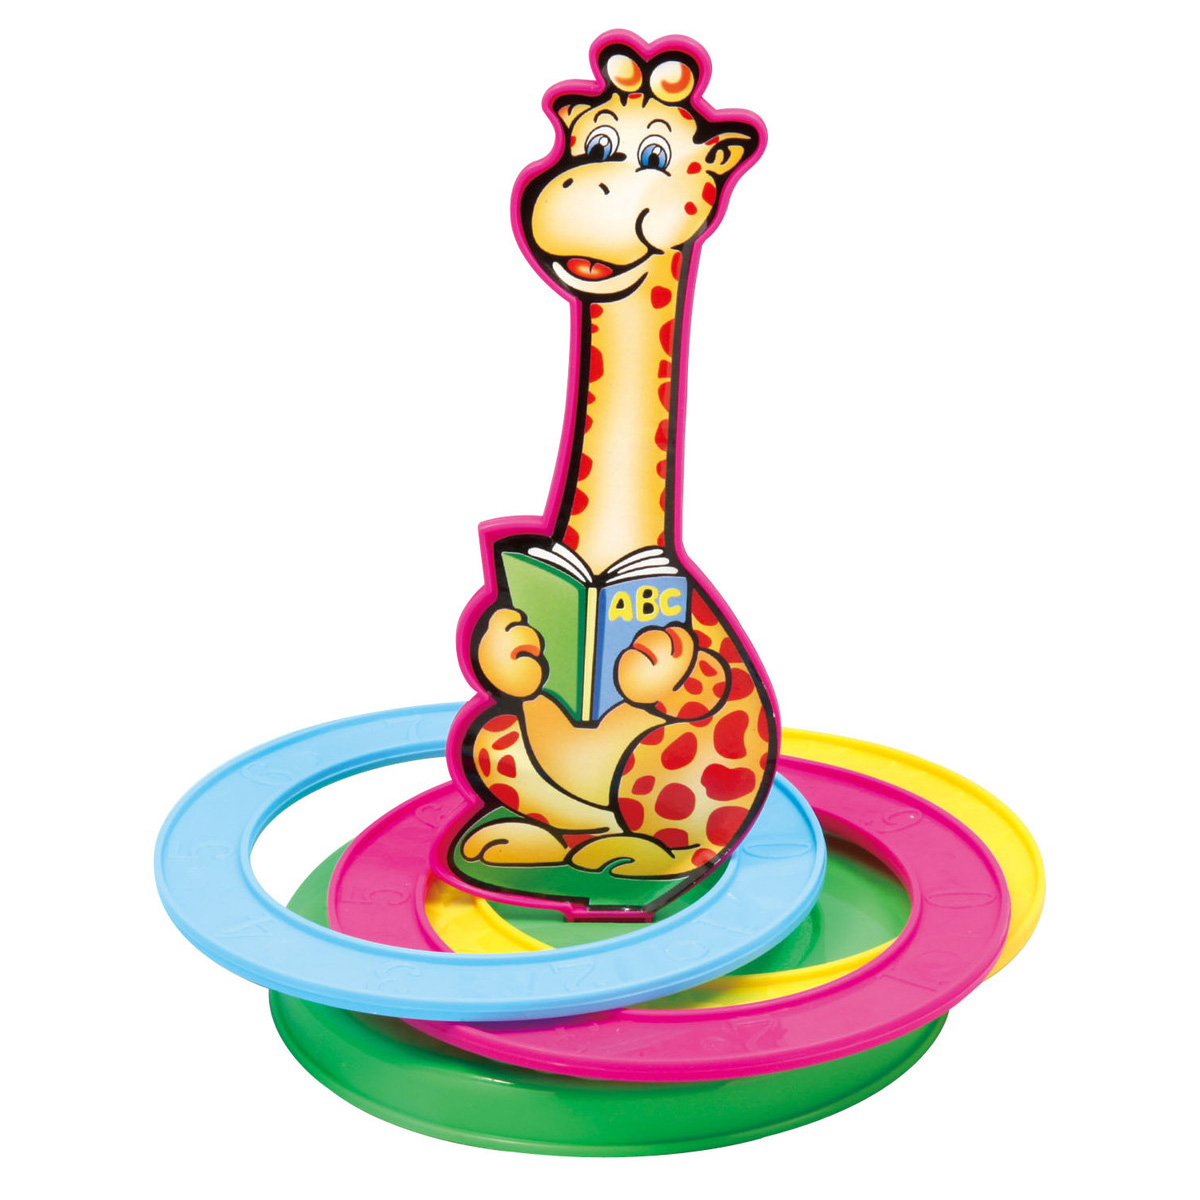 どうぶつわなげ アーテック 知育玩具 輪投げ おもちゃ 幼児